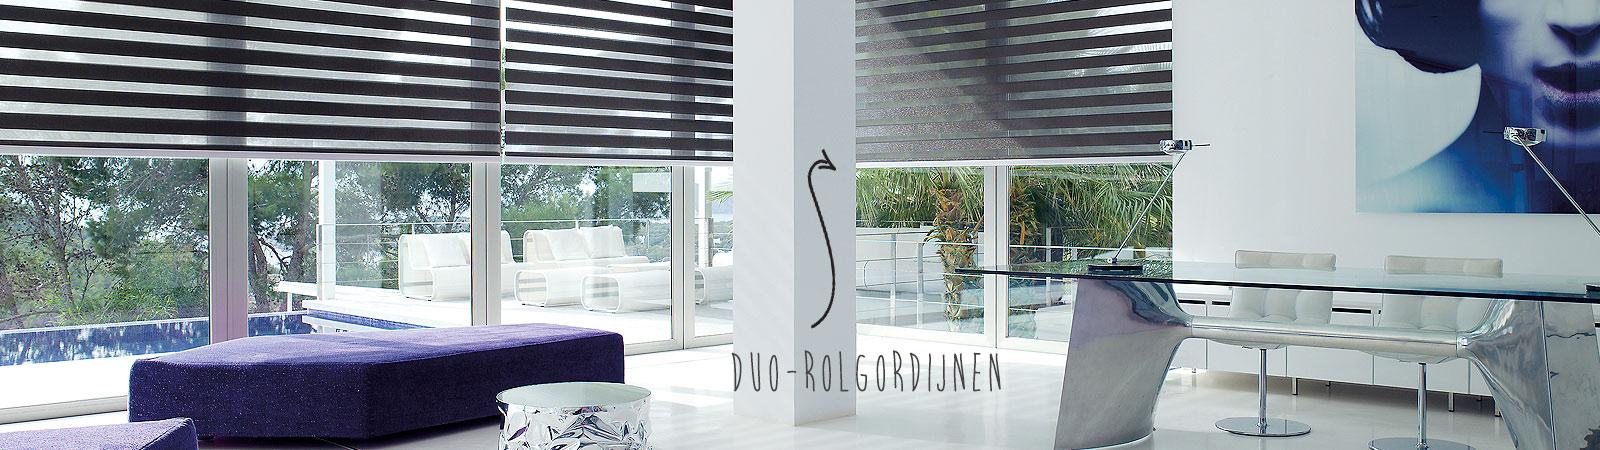 Duo Rolgordijn van Brabant Tapijt uit Eindhoven